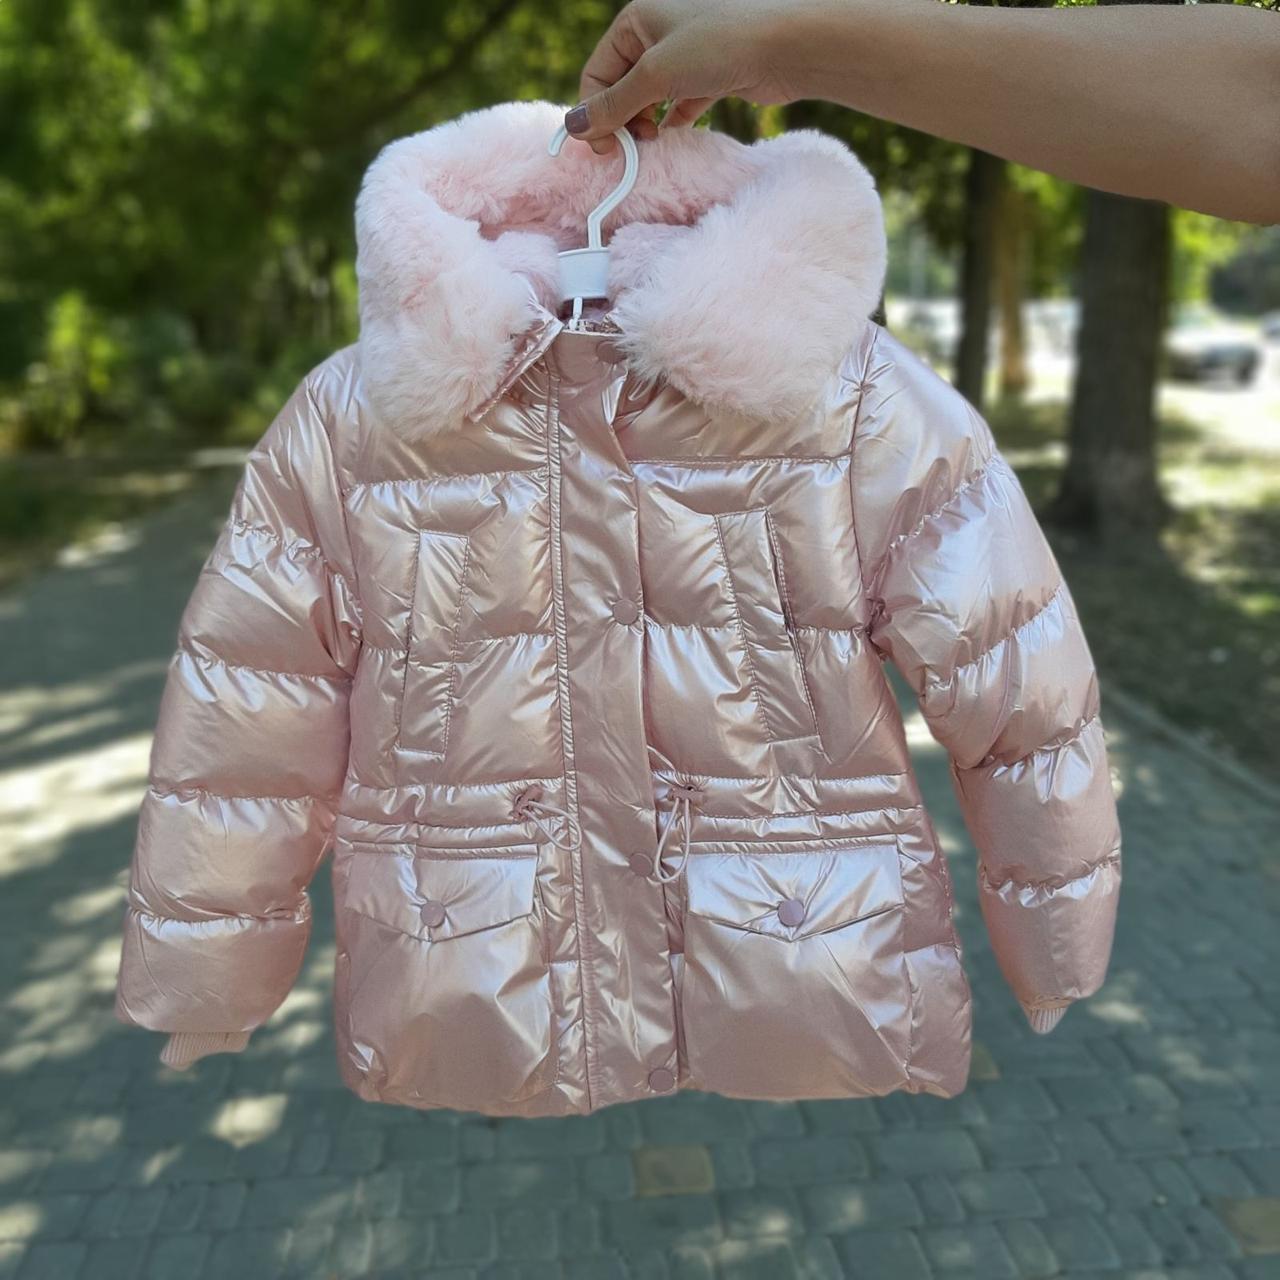 Зимняя куртка для девочки Розовый перламутр р. 146